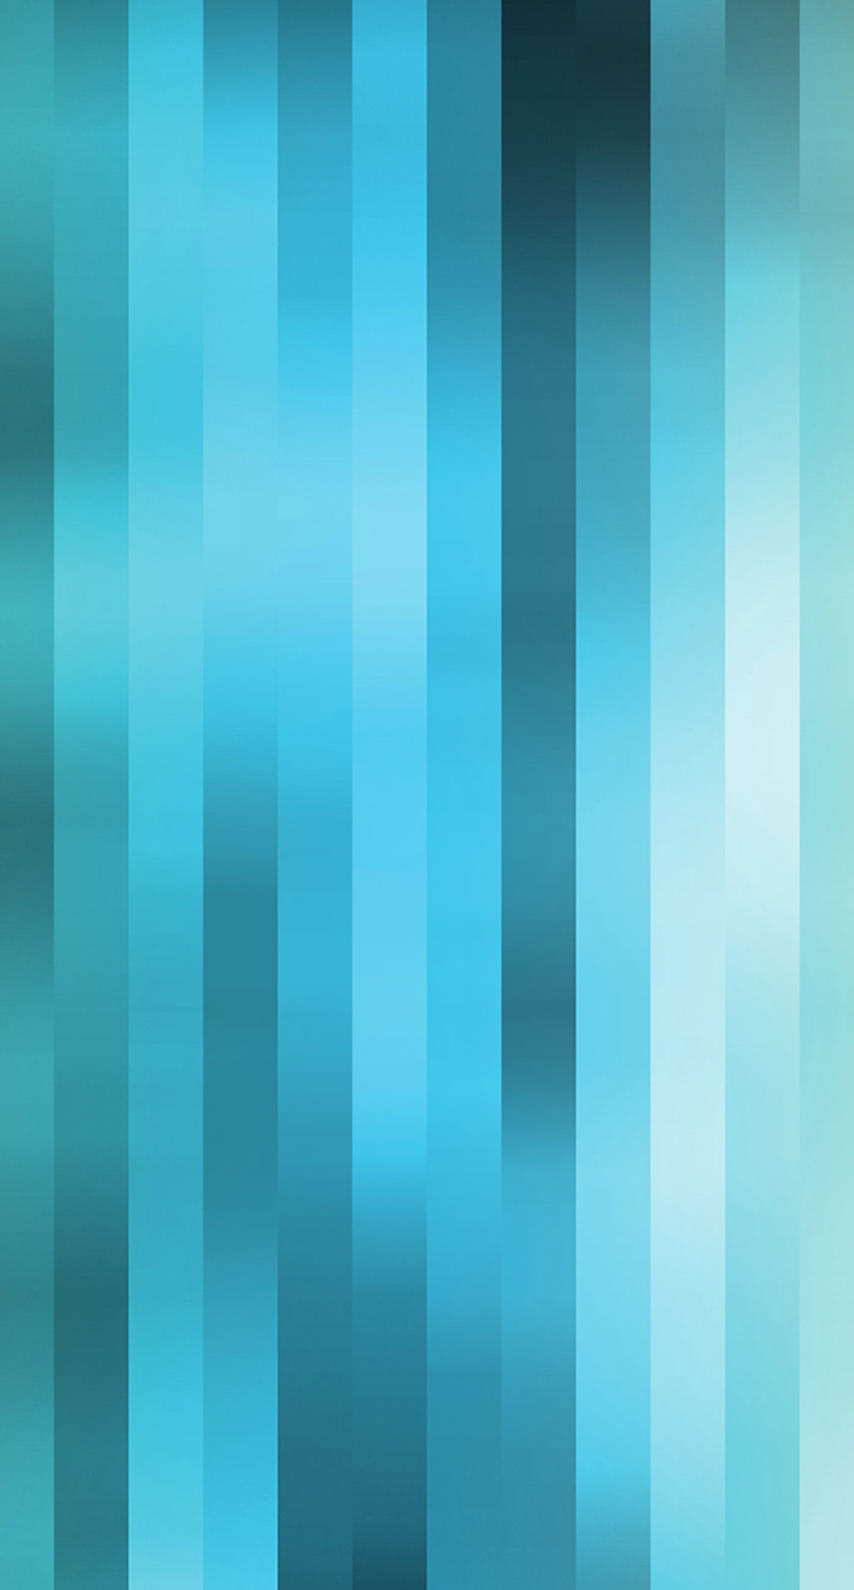 Pattern Blue Light Blue Cool Blur Wallpaper Sc Iphone6s